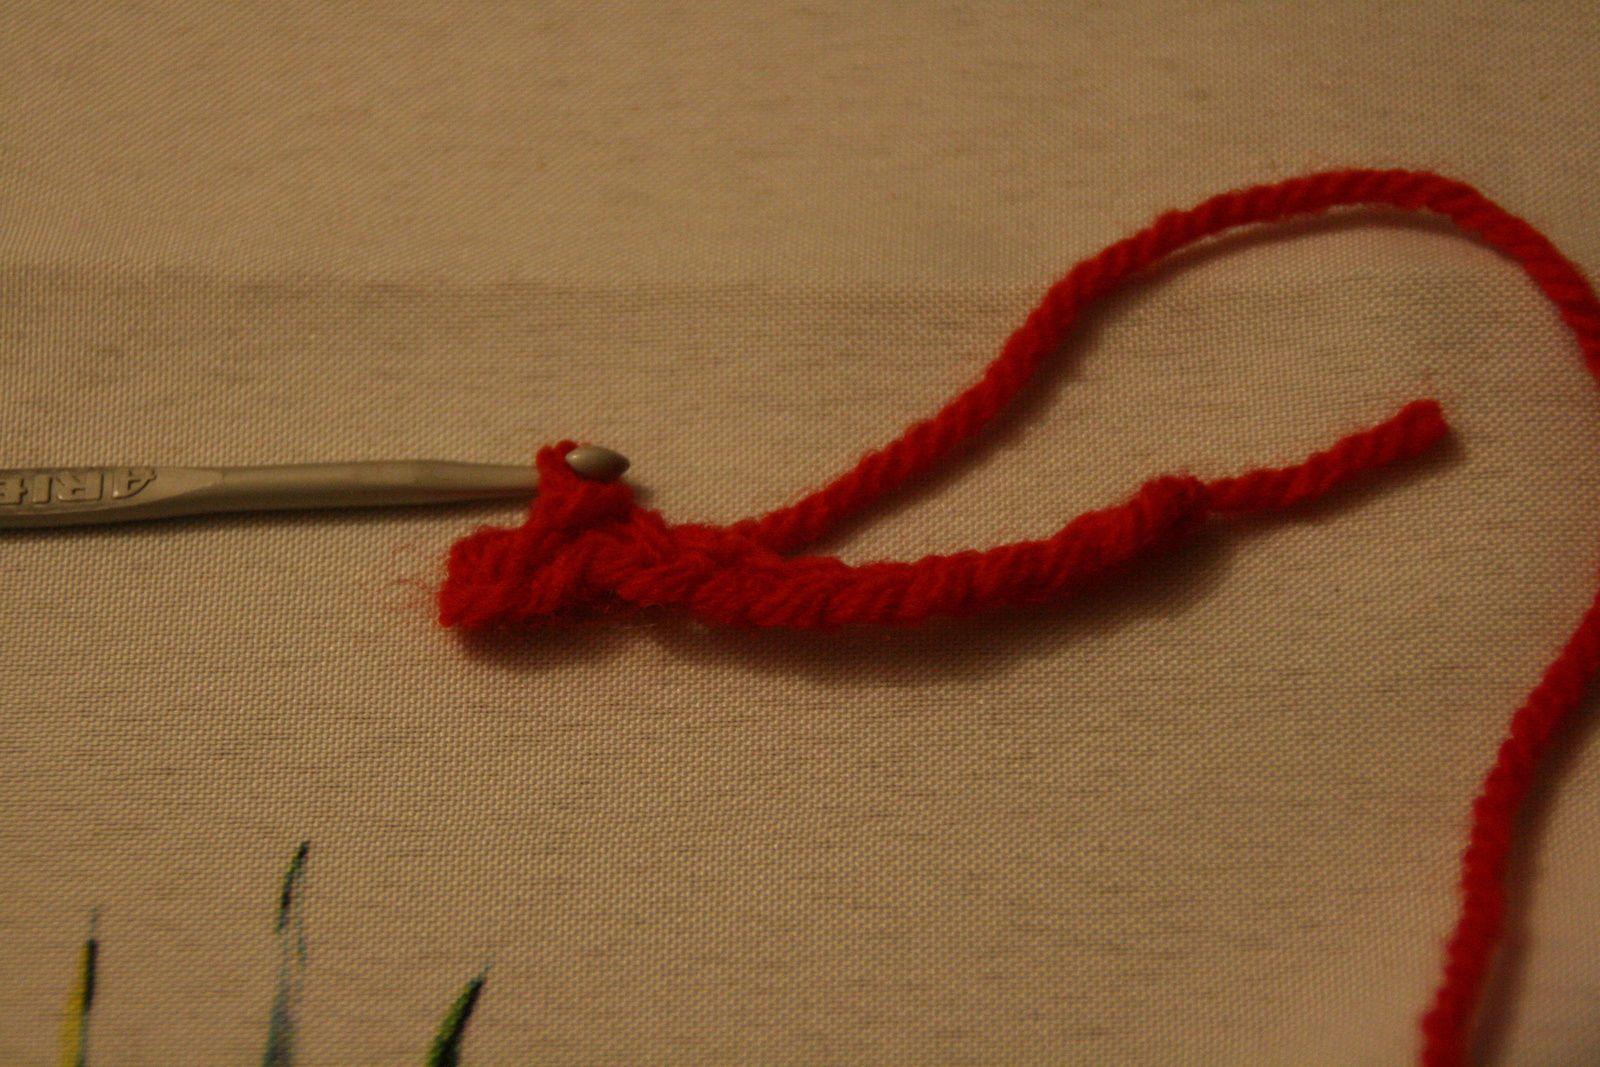 Tuto gratuit : Révélation : sur mon crochet imitation tricot